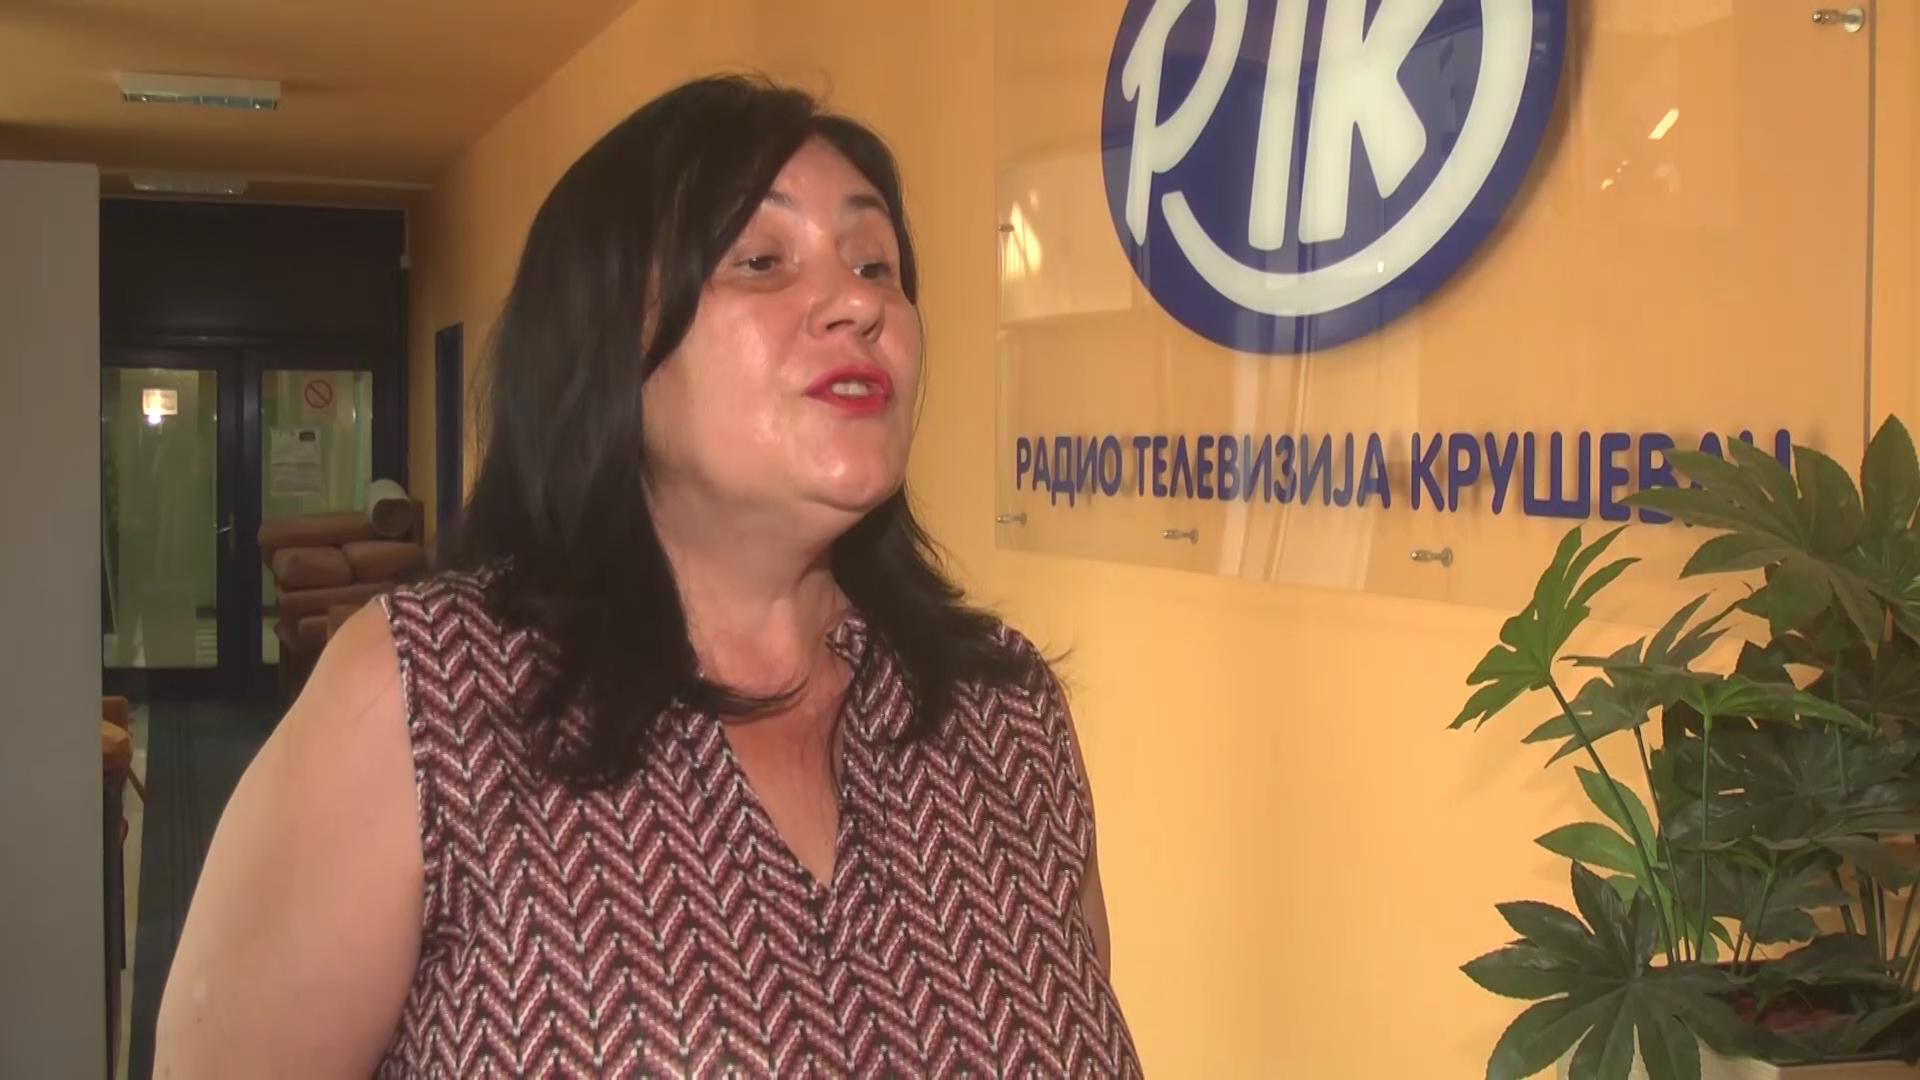 Kruševačko pozorište u okviru obeležavanja jubileja grada i Vidovdana organizuje brojne programe